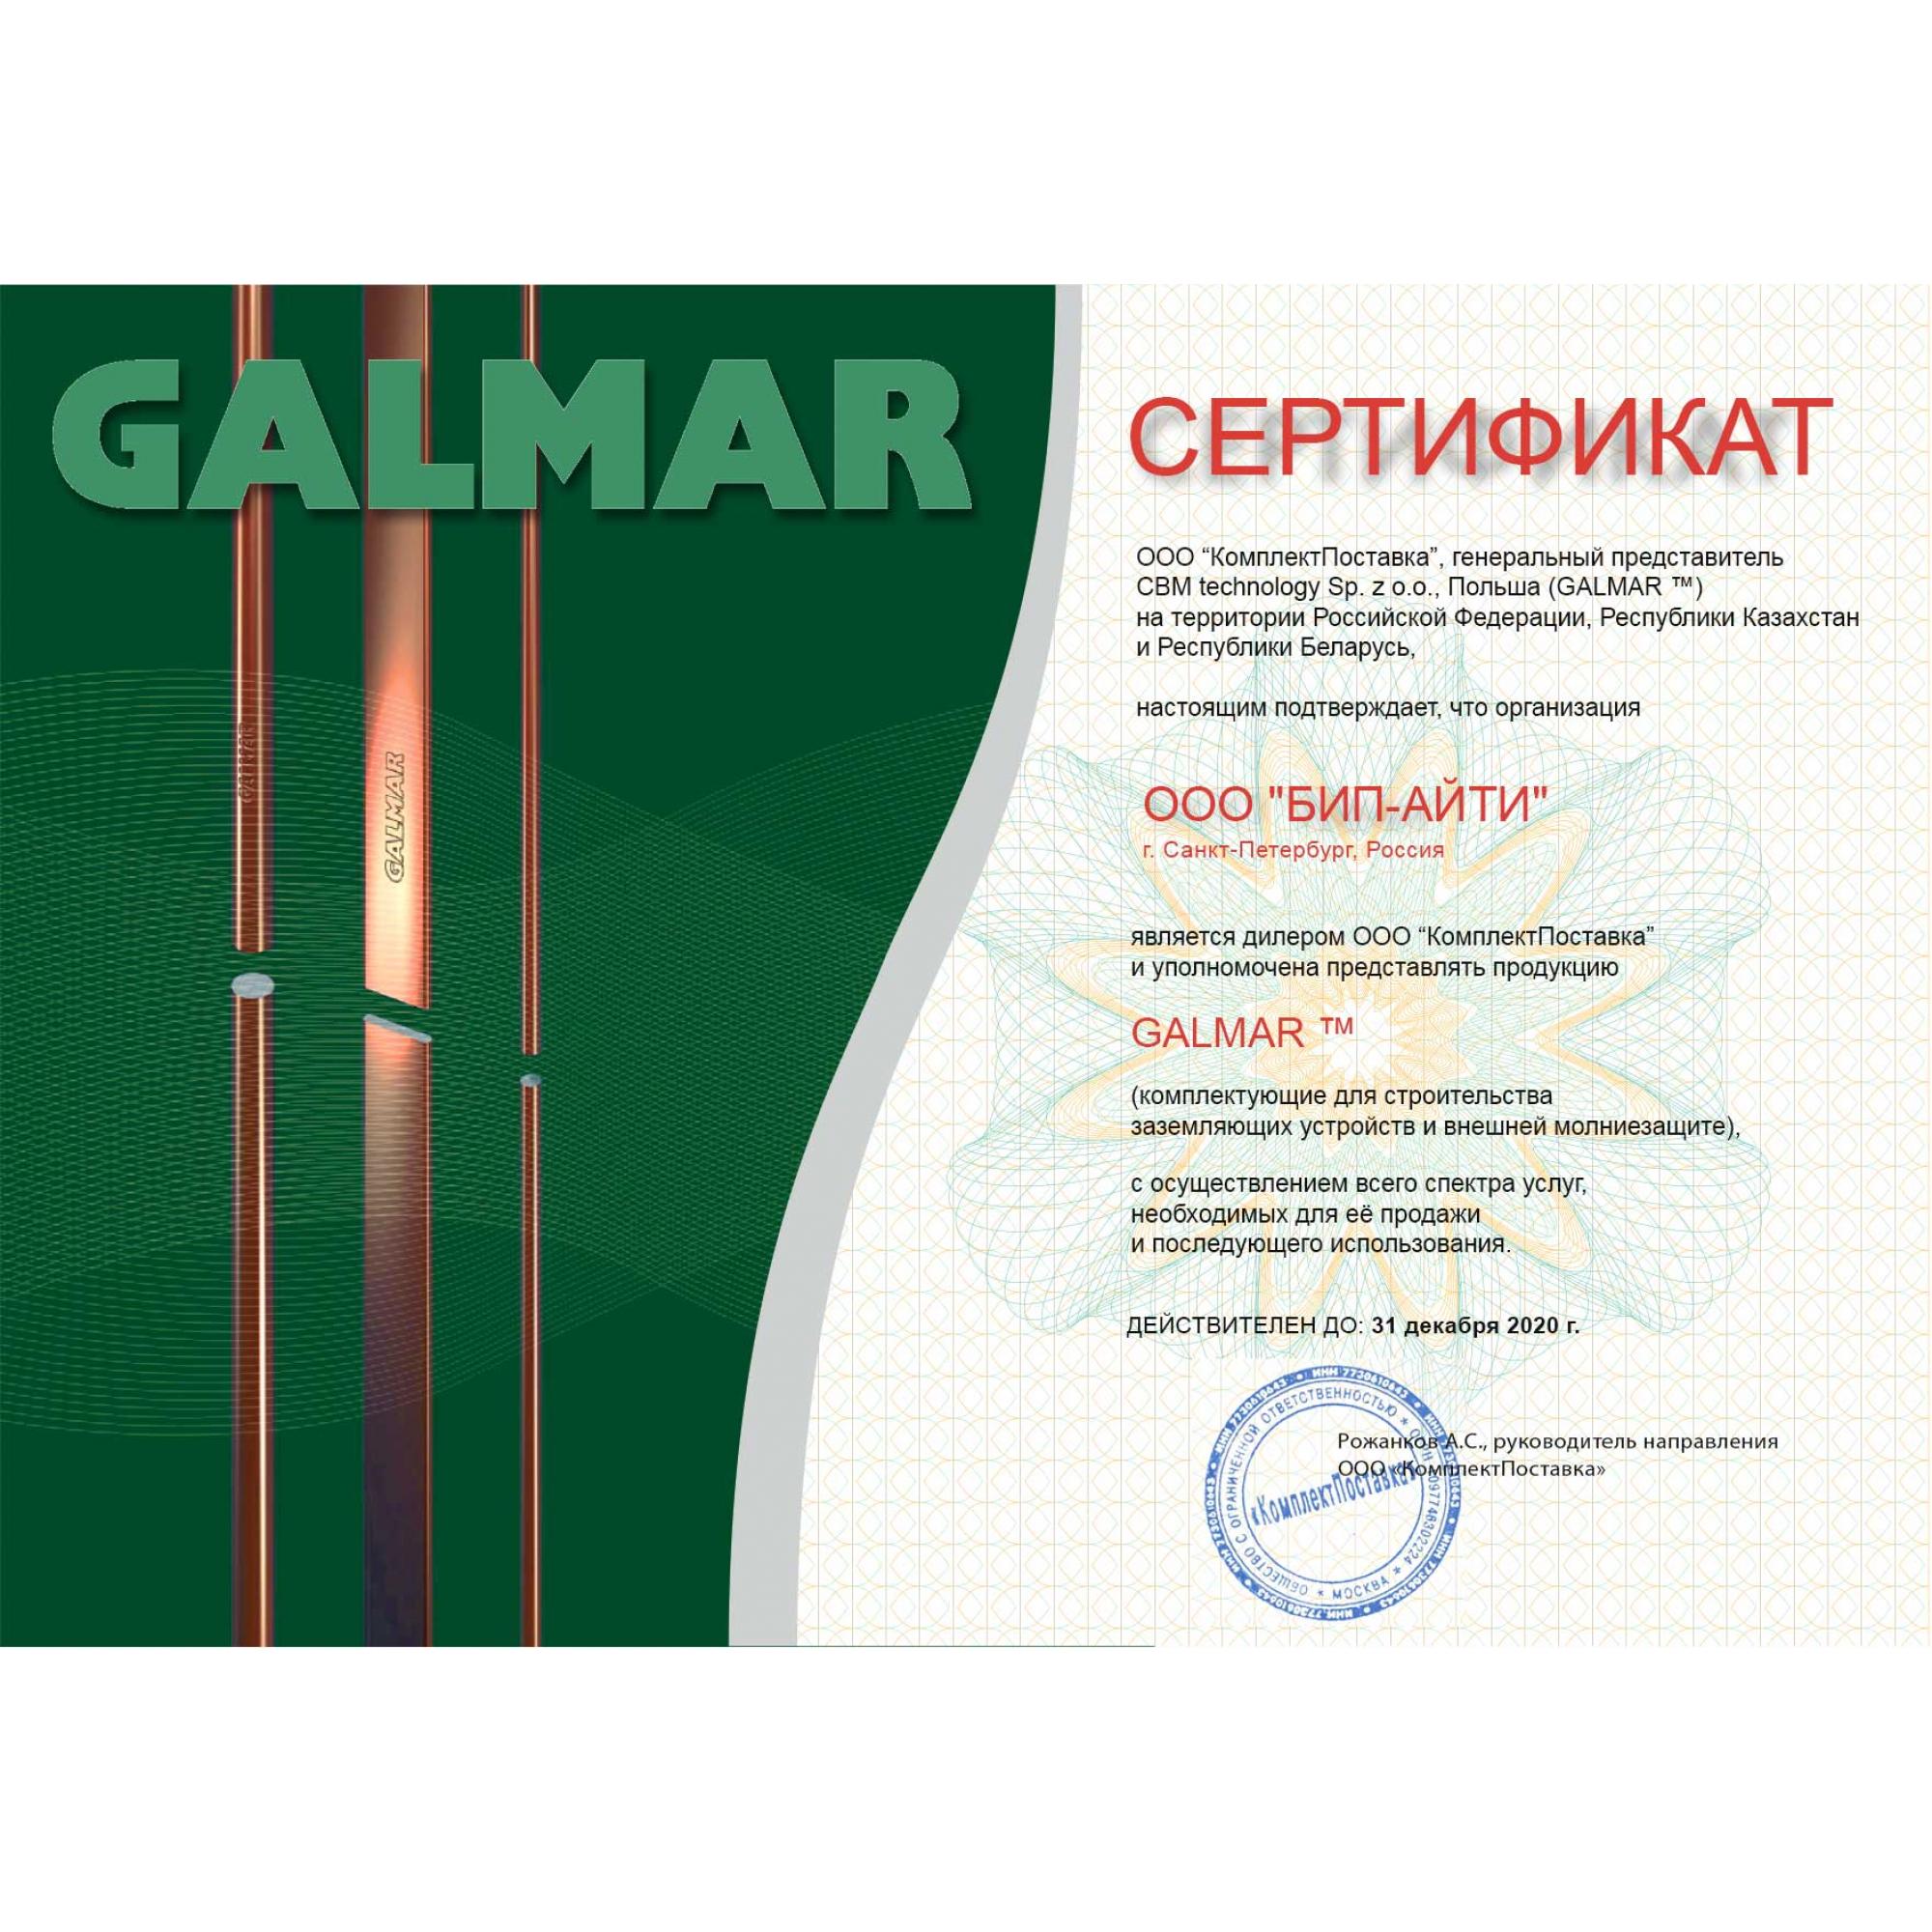 Сертификат официального дилера GALMAR